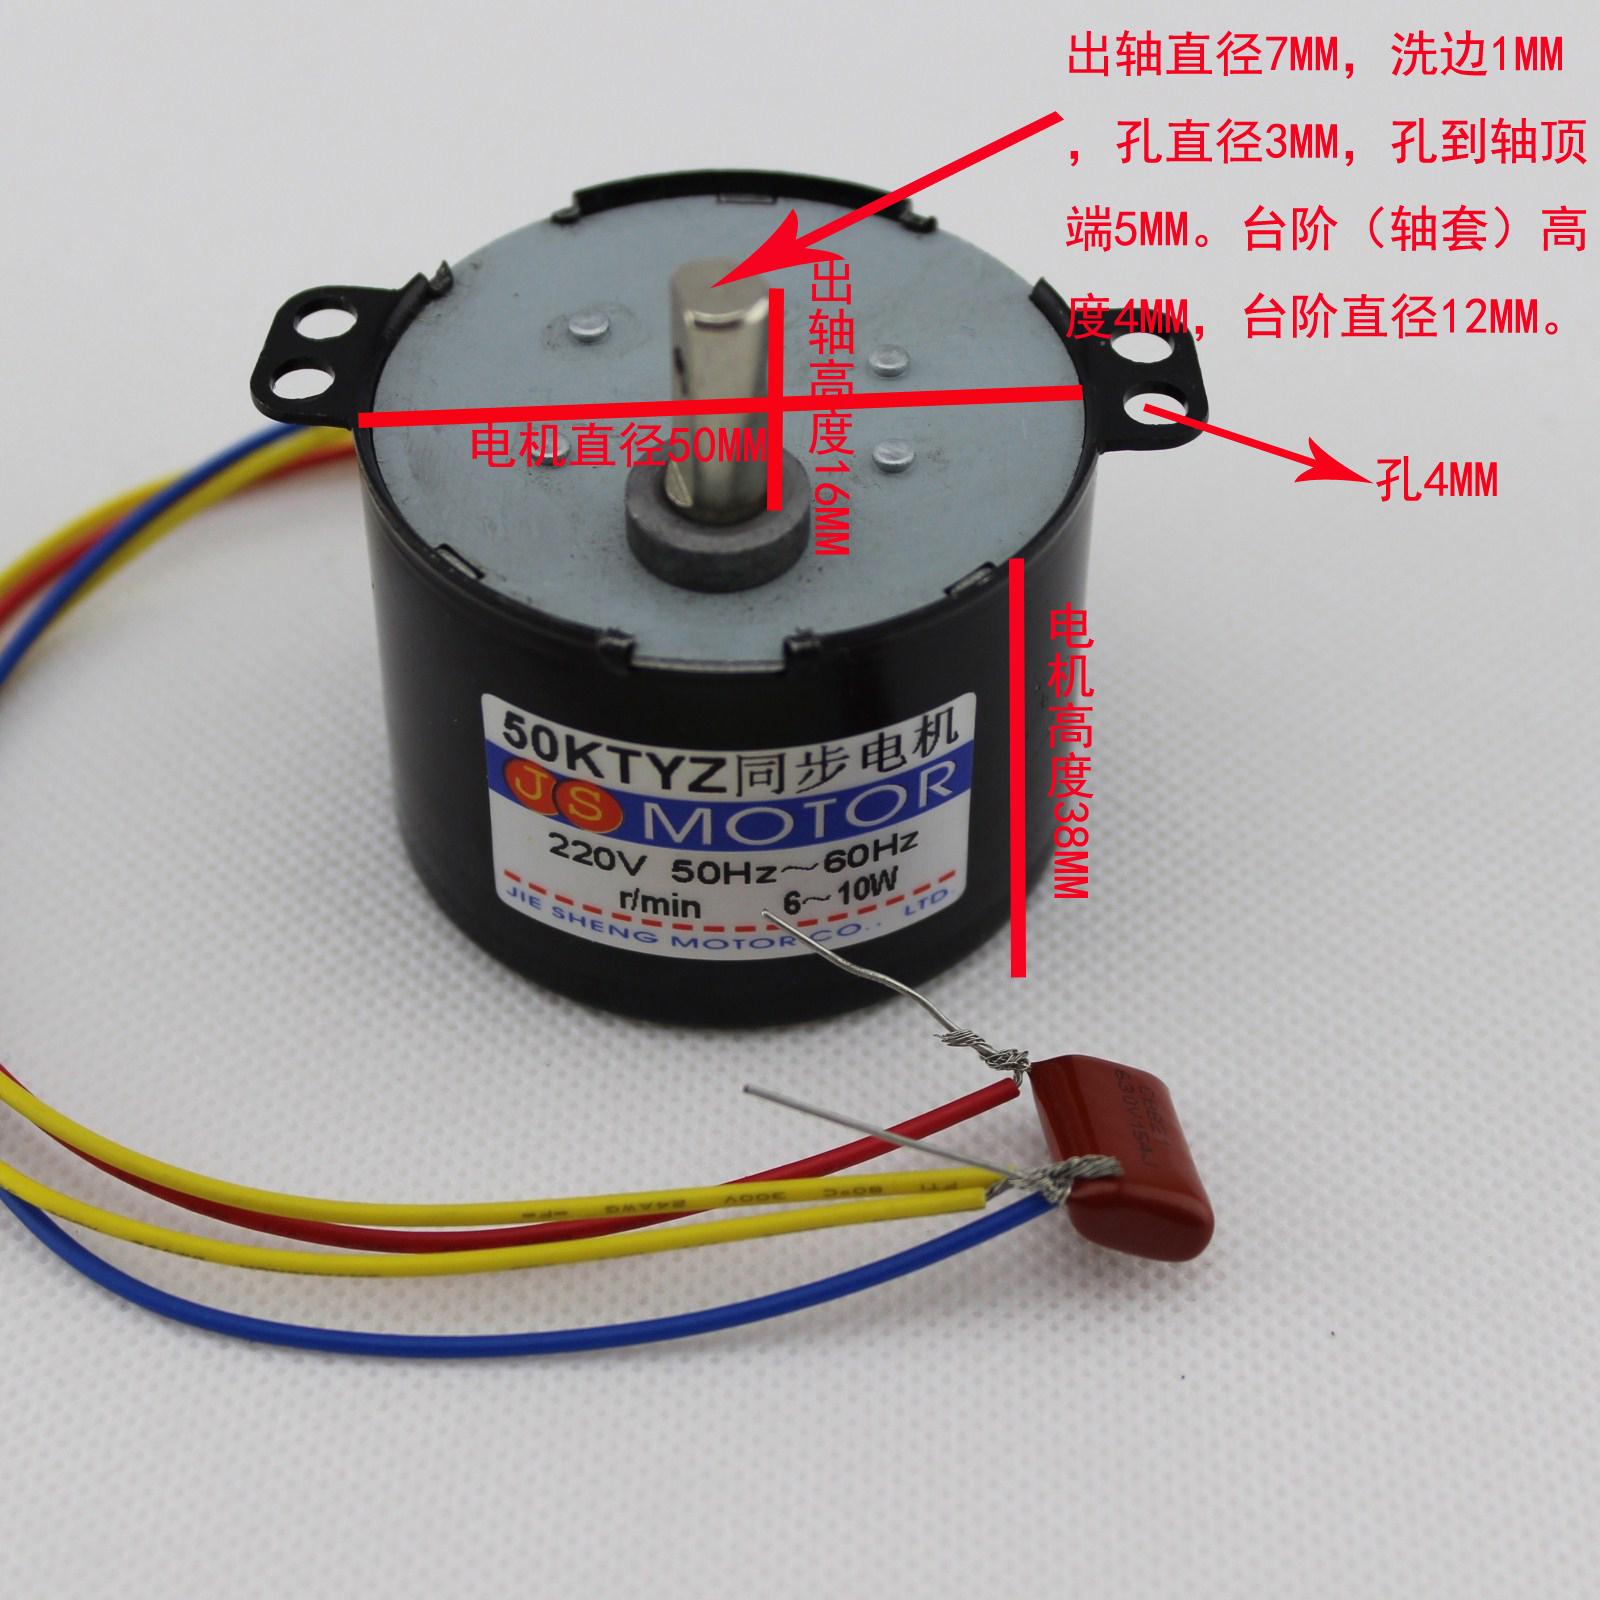 50KTYZ AC220V 6-10W AC synchronous motor low speed high